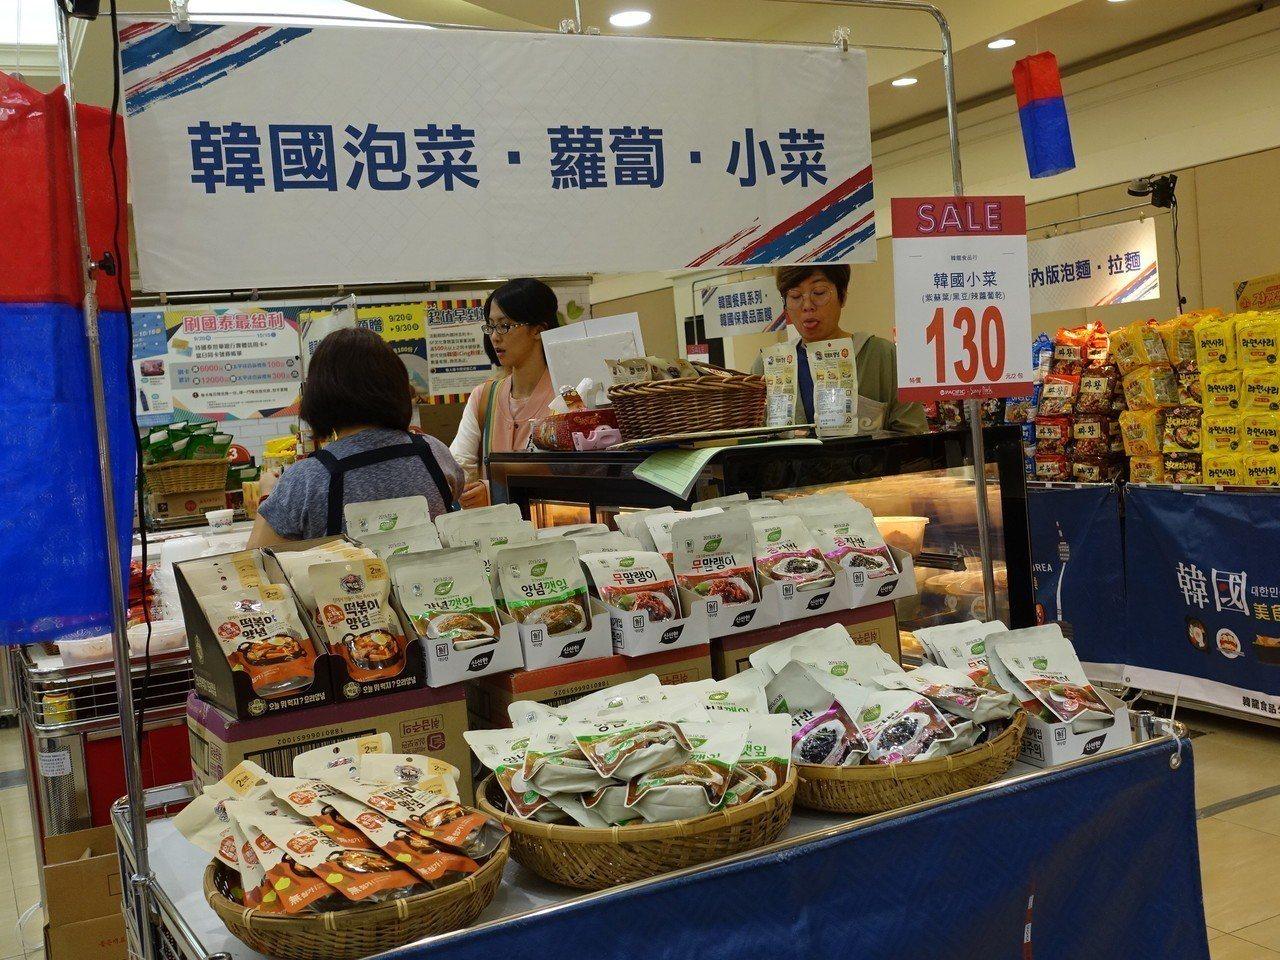 屏東太平洋百貨推出為期11天的韓國美食物產展。記者翁禎霞/攝影